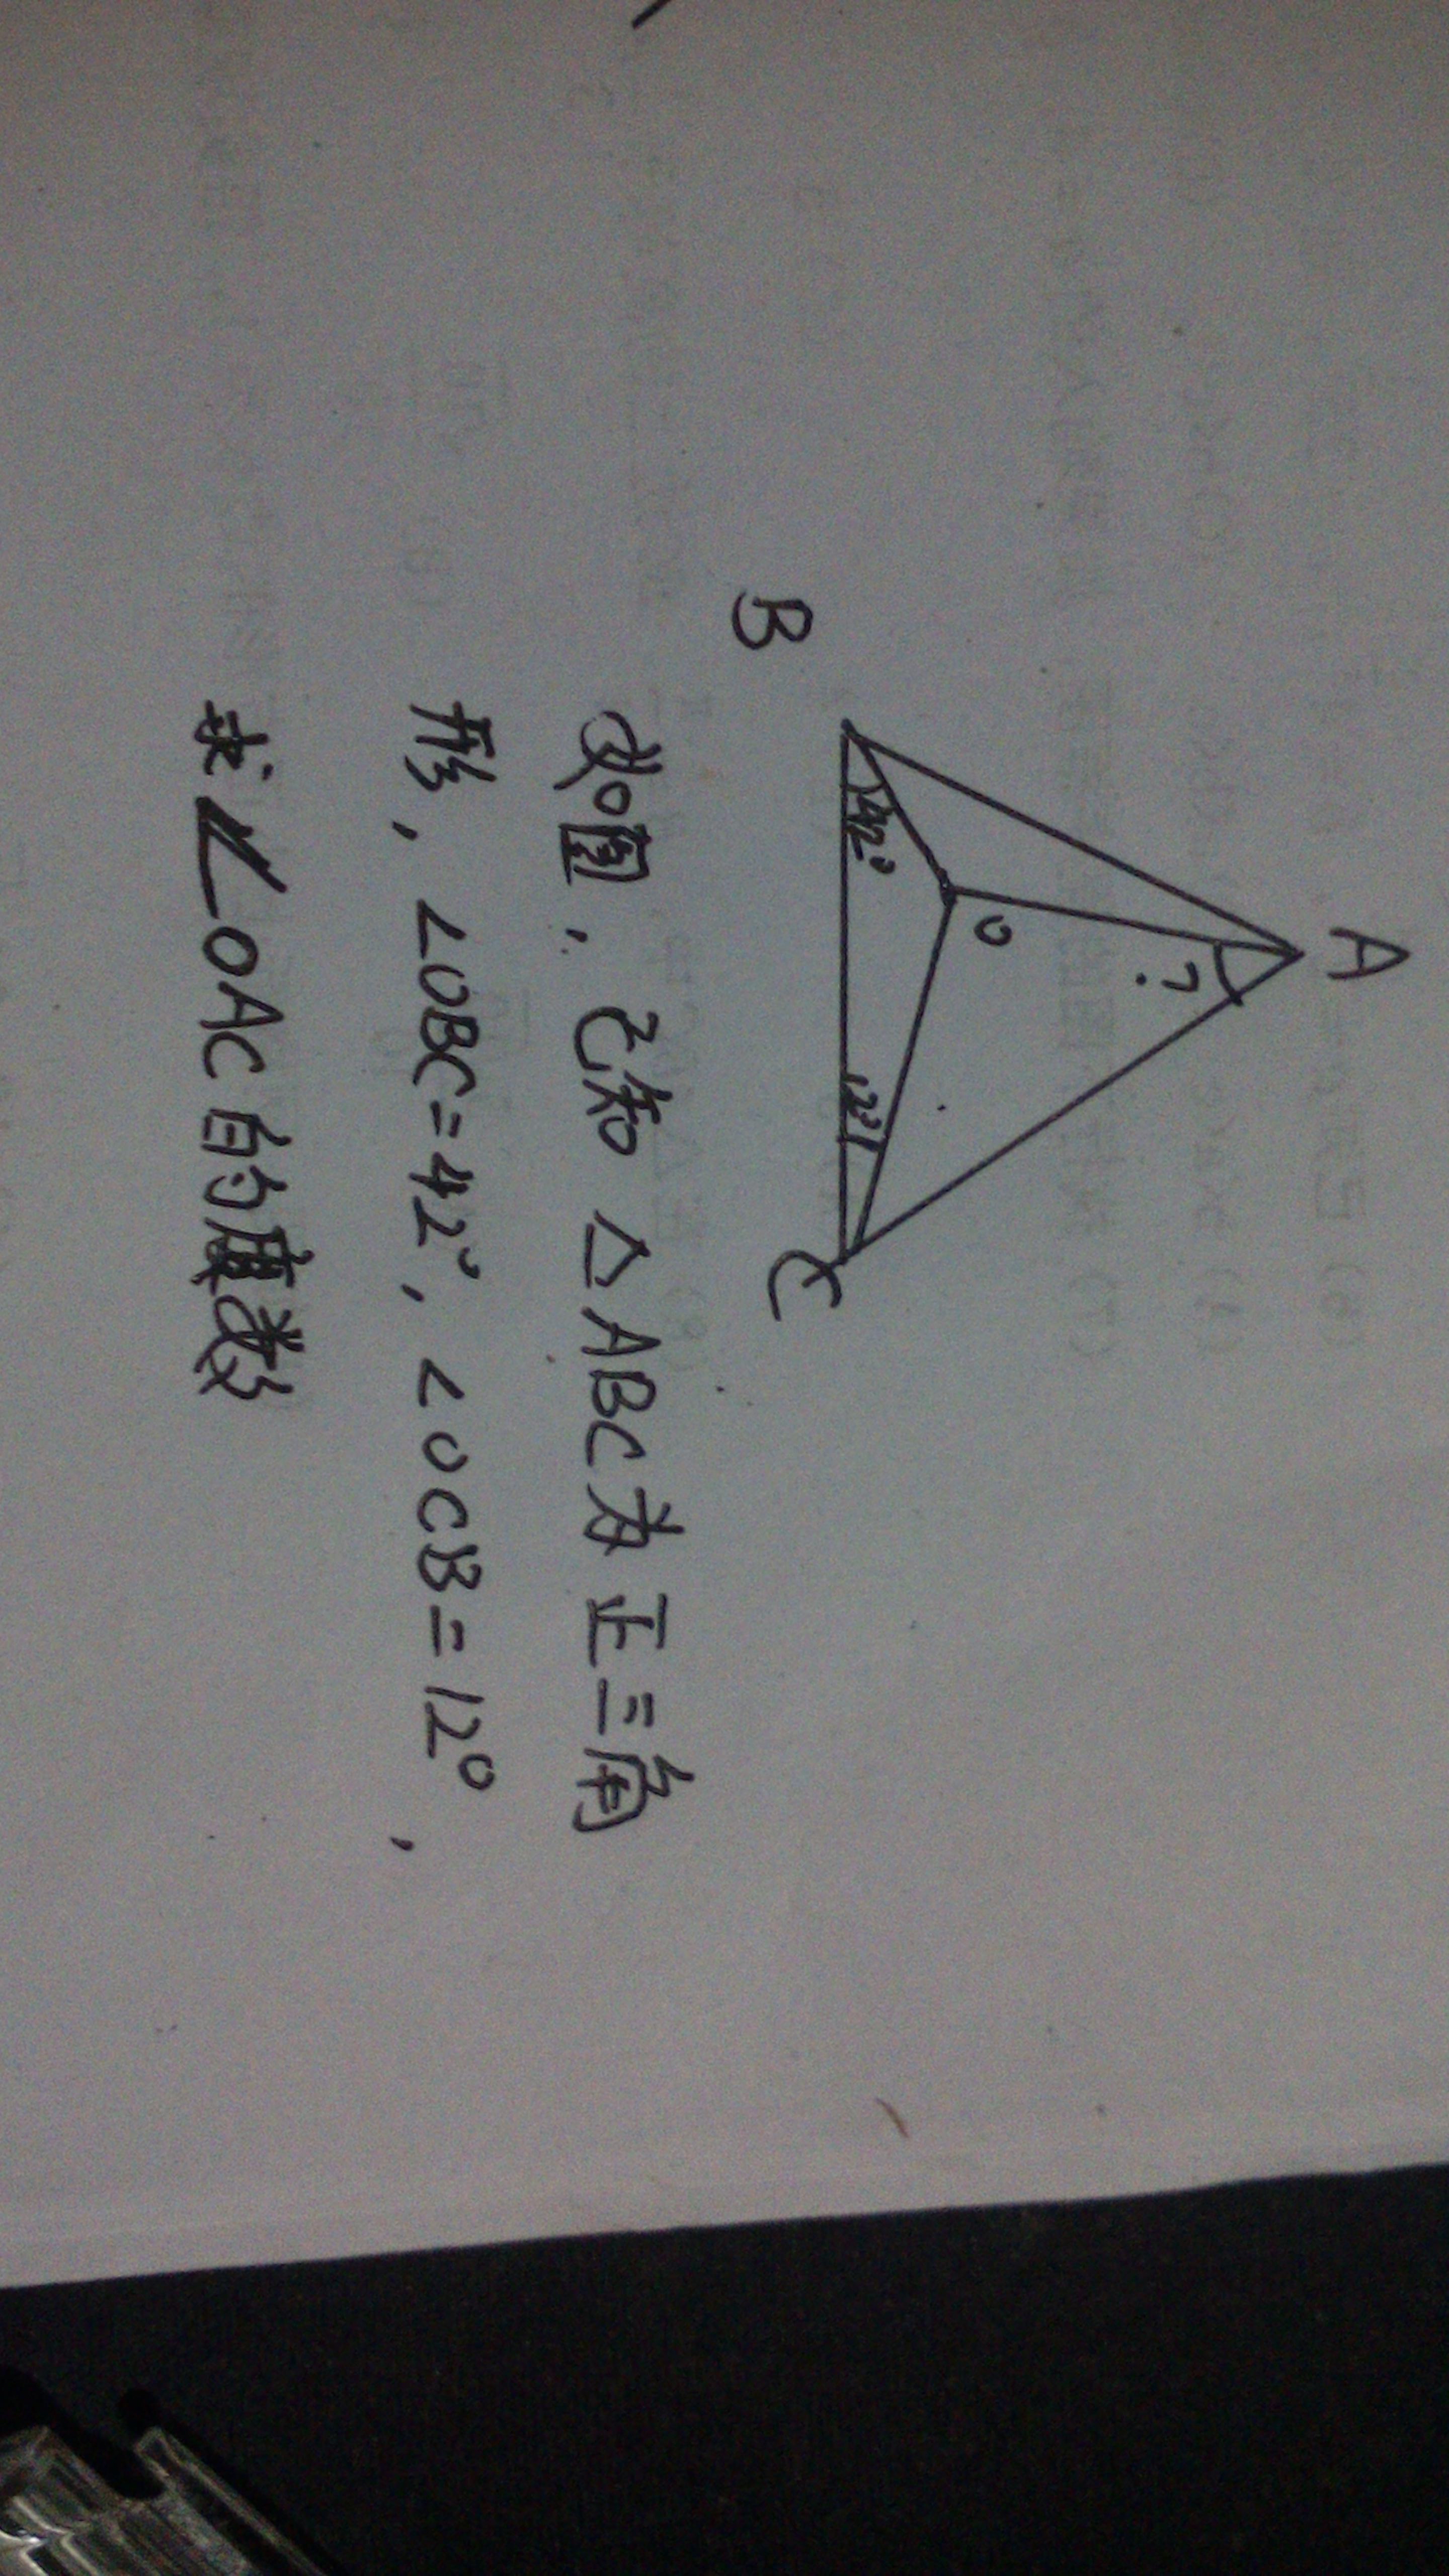 解直角三角形